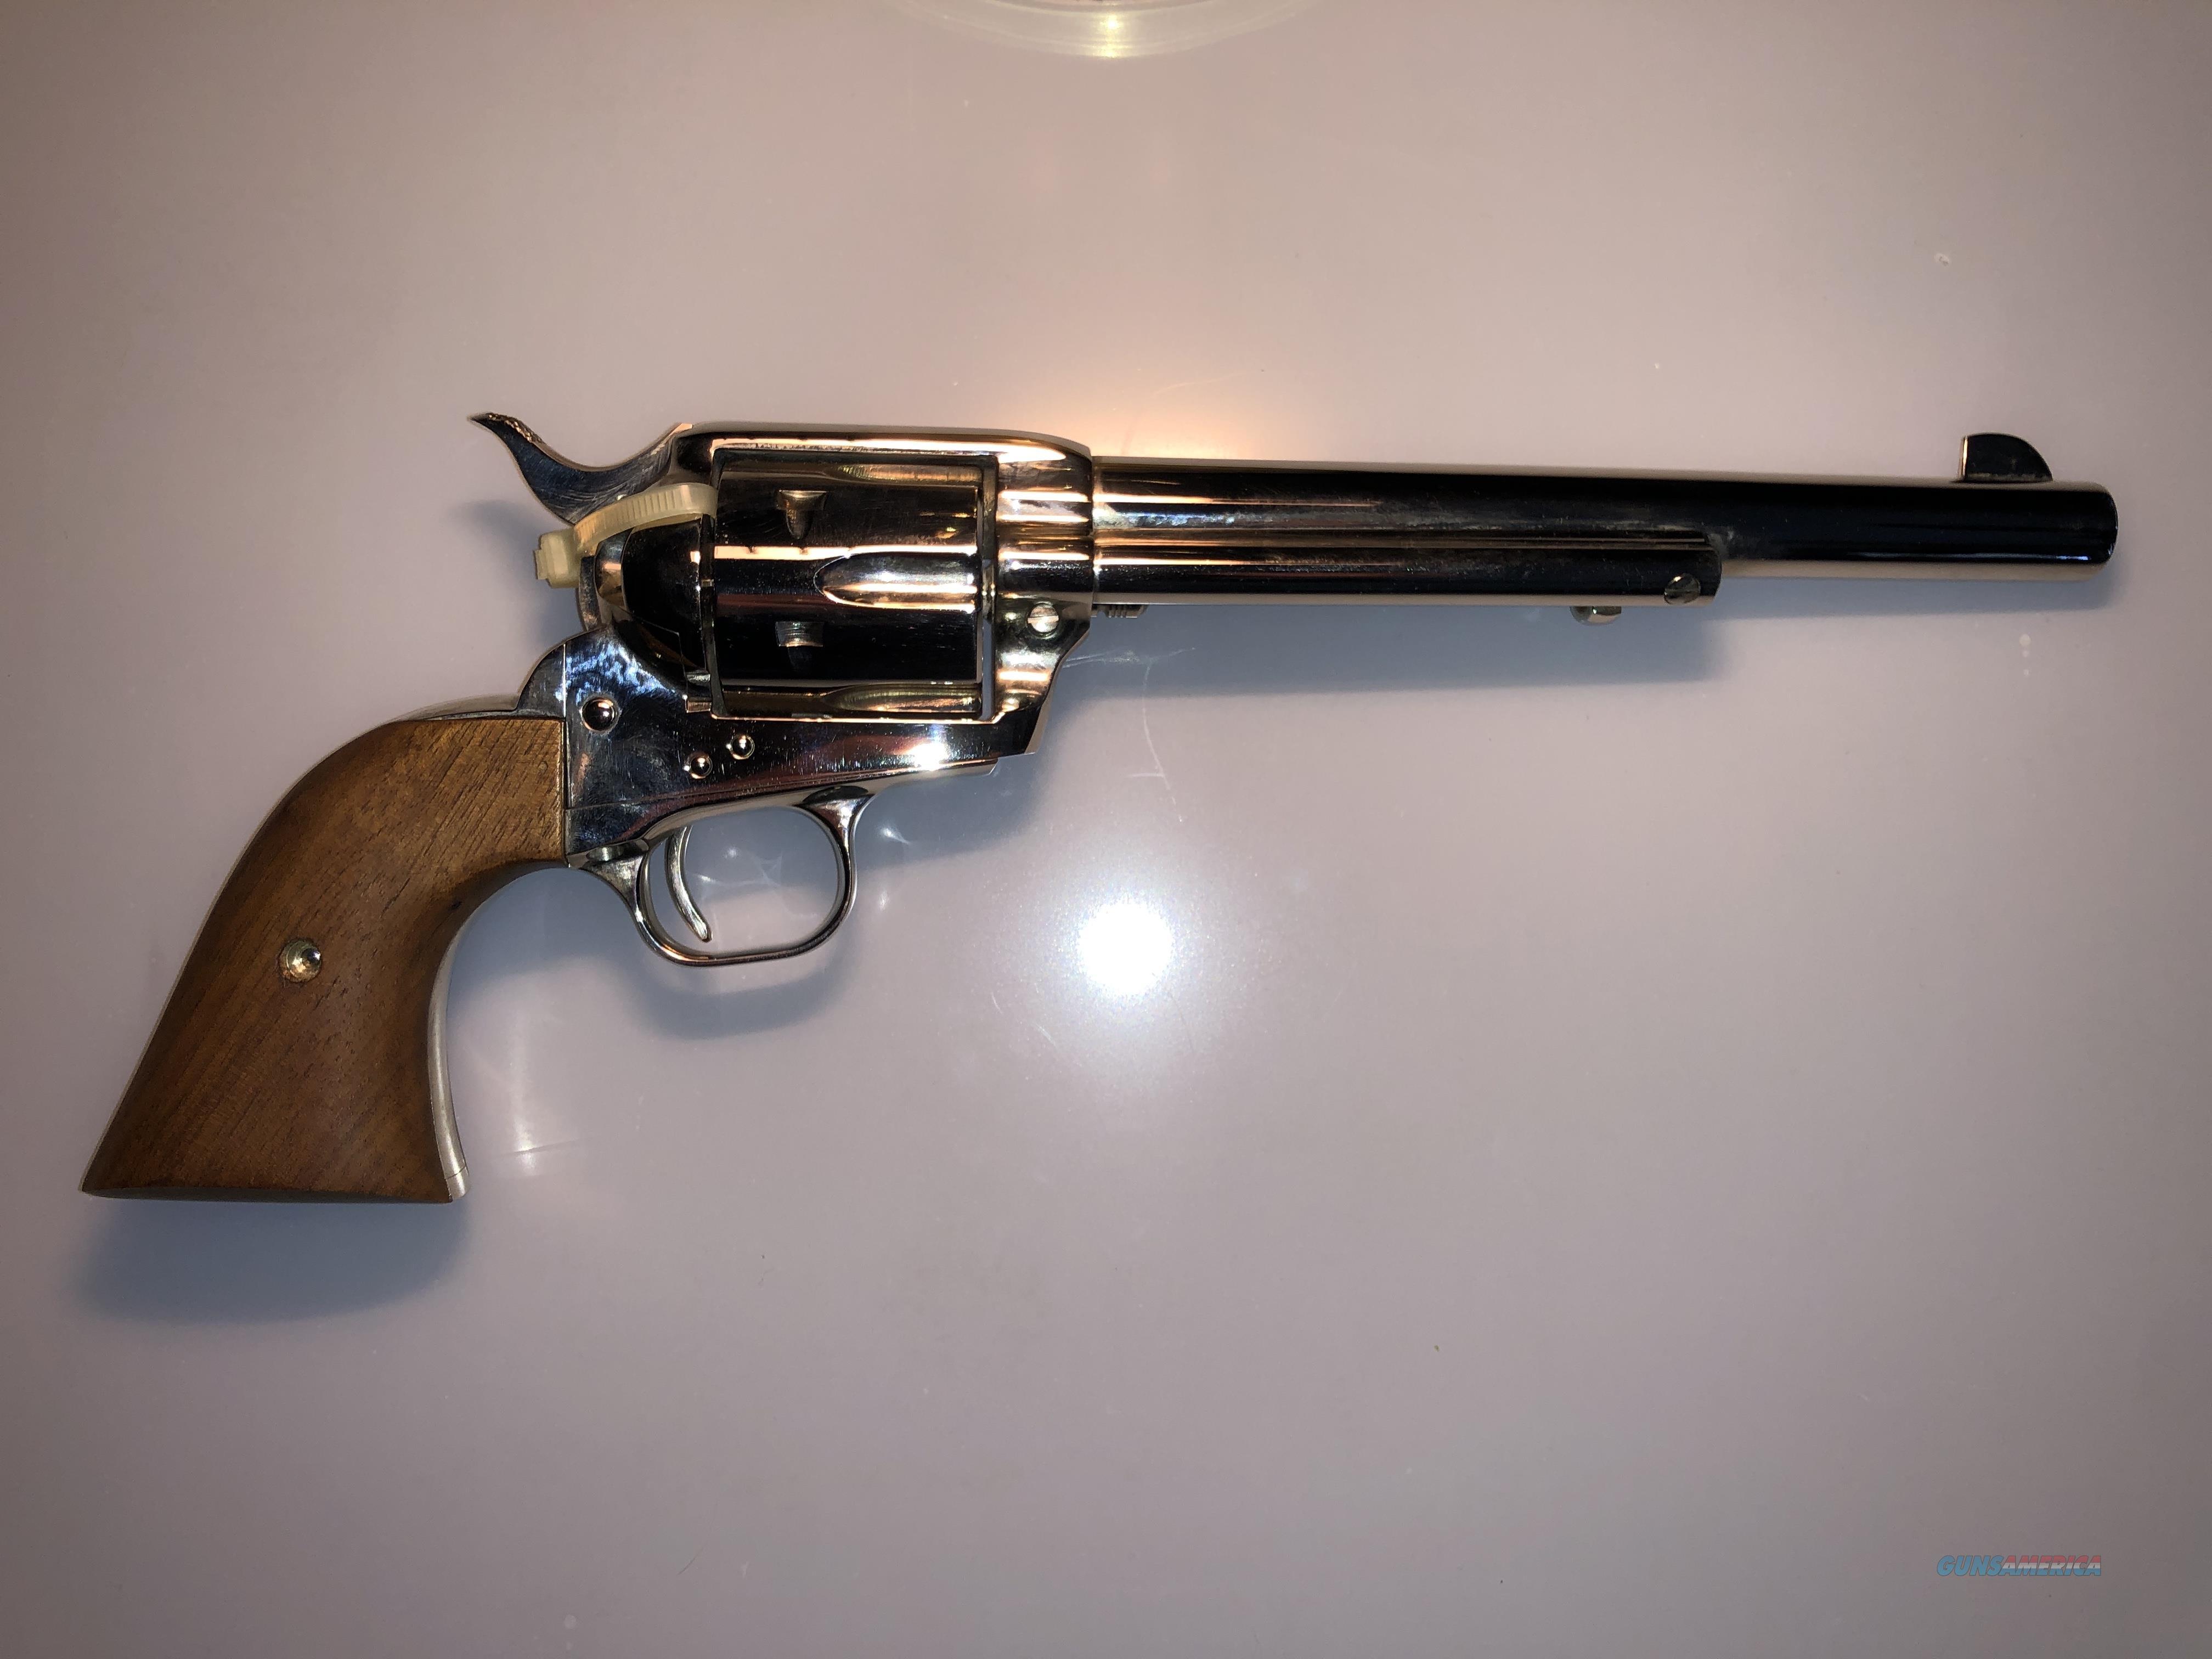 """Colt SAA 7-1/2"""" Barrel .44 Special - Nickel Finish - New In Box  Guns > Pistols > Colt Single Action Revolvers - 3rd Gen."""